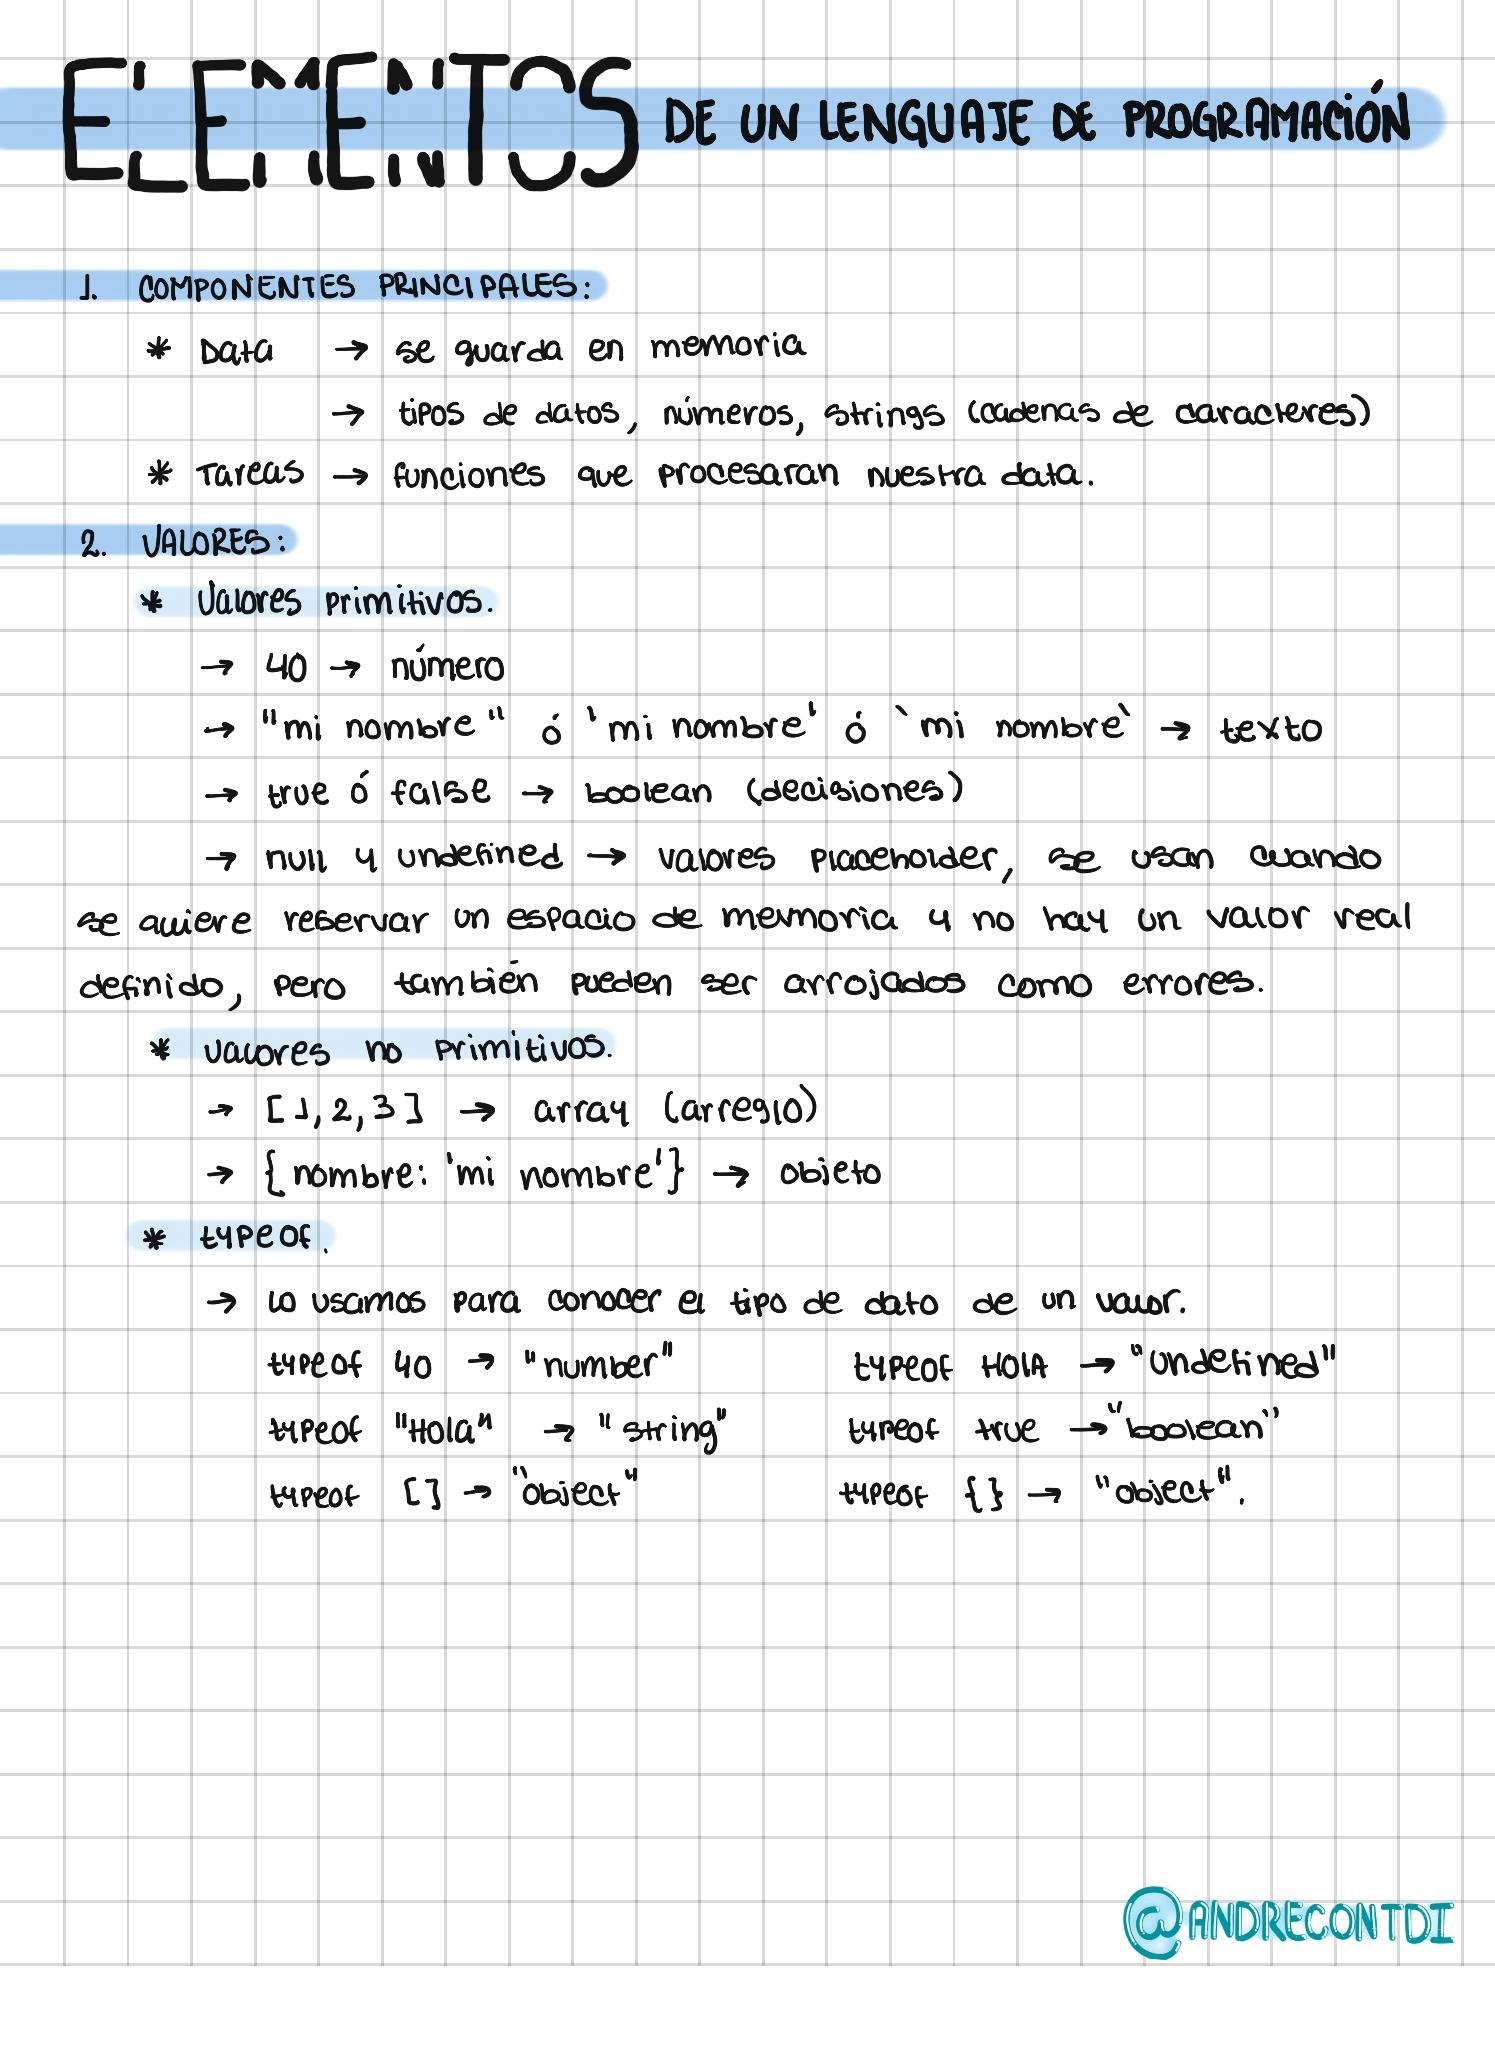 Elementos de un lenguaje de programación